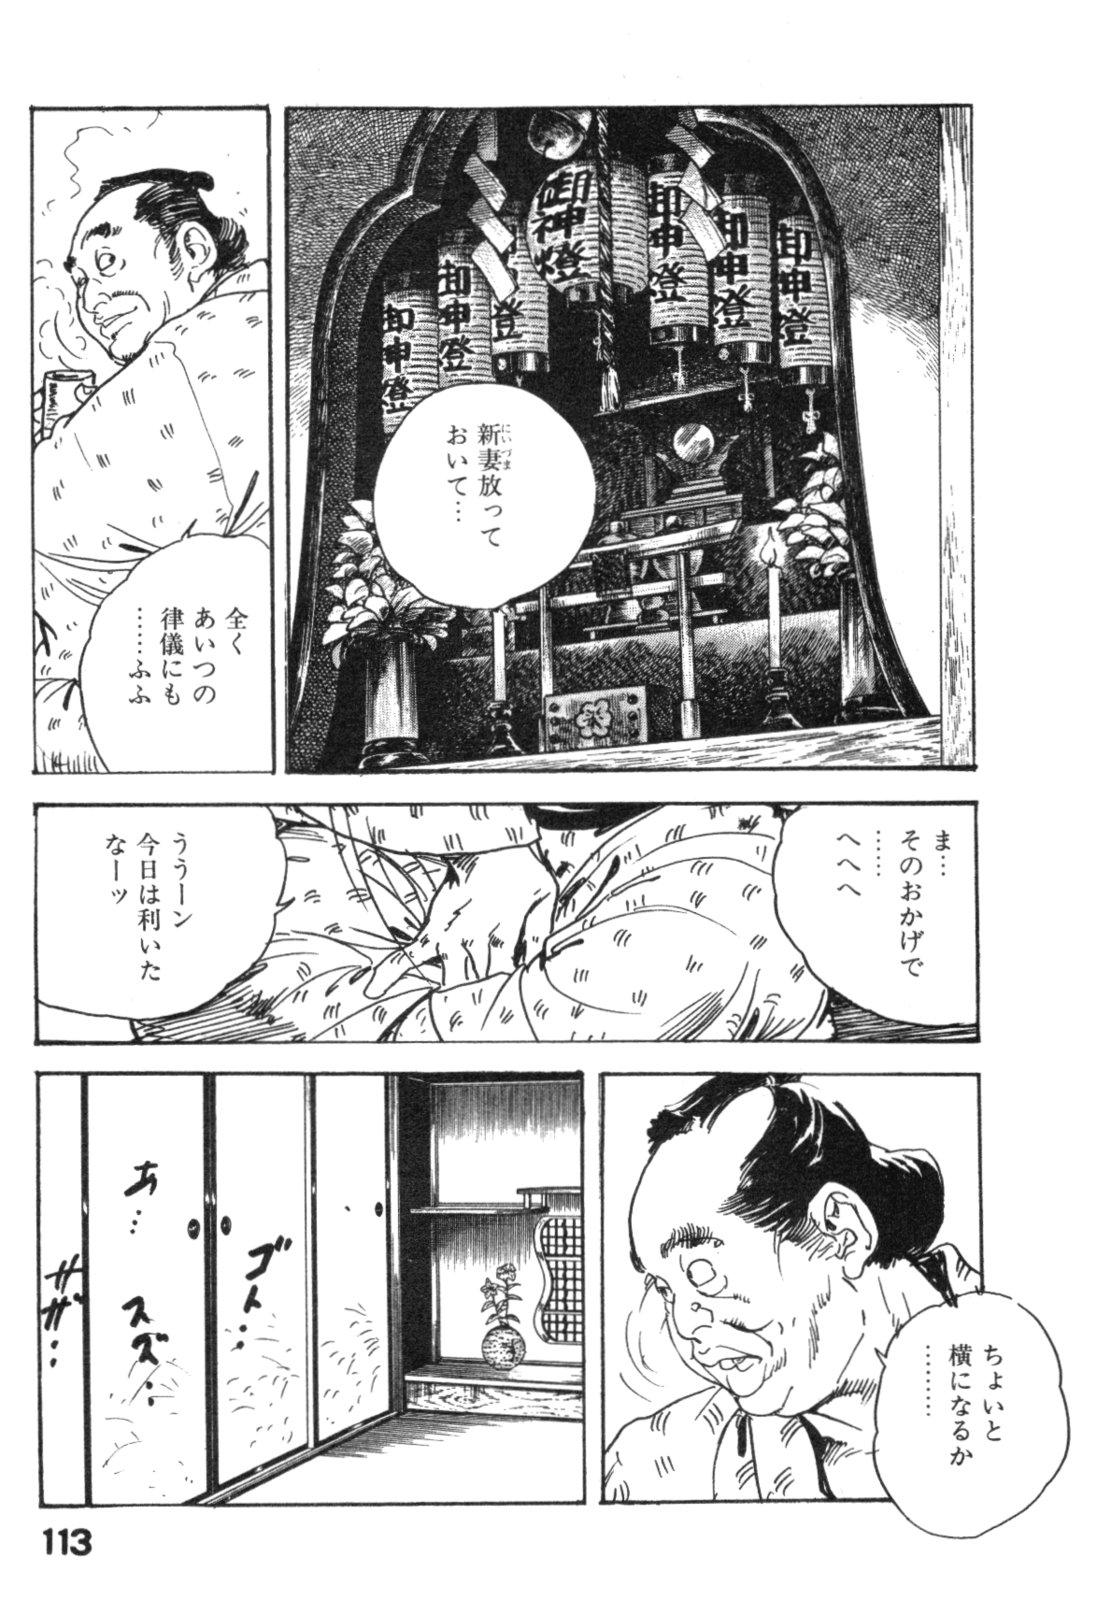 Jidaigeki Series 2 ~ Midare Kannon 115